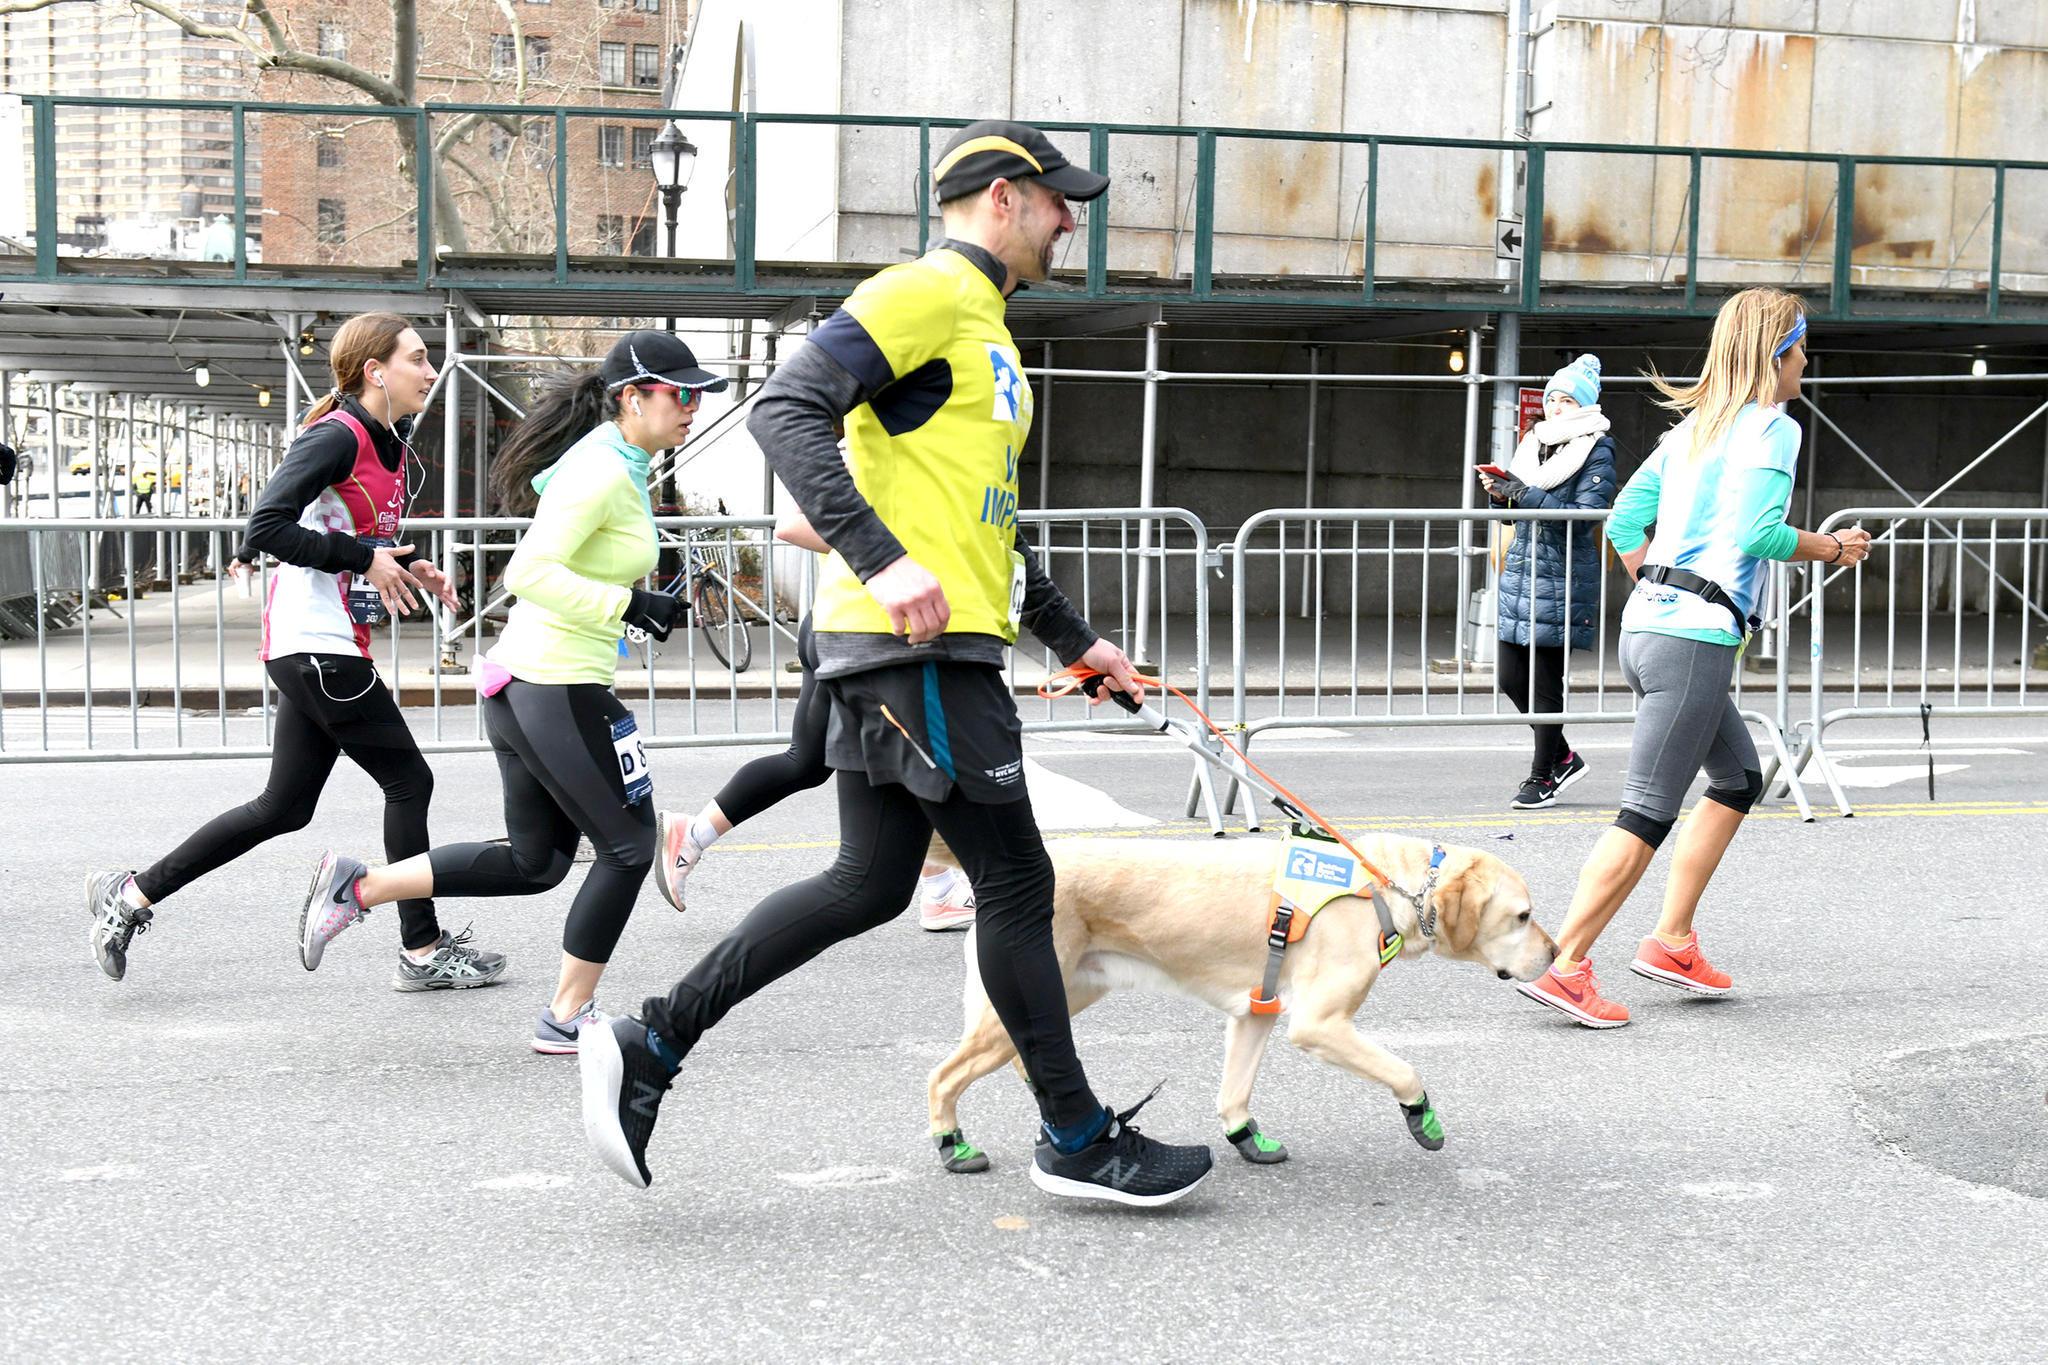 Halbmarathon in New York: Dieser blinde Marathonläufer hat Geschichte geschrieben – mit der Hilfe seiner Hunde